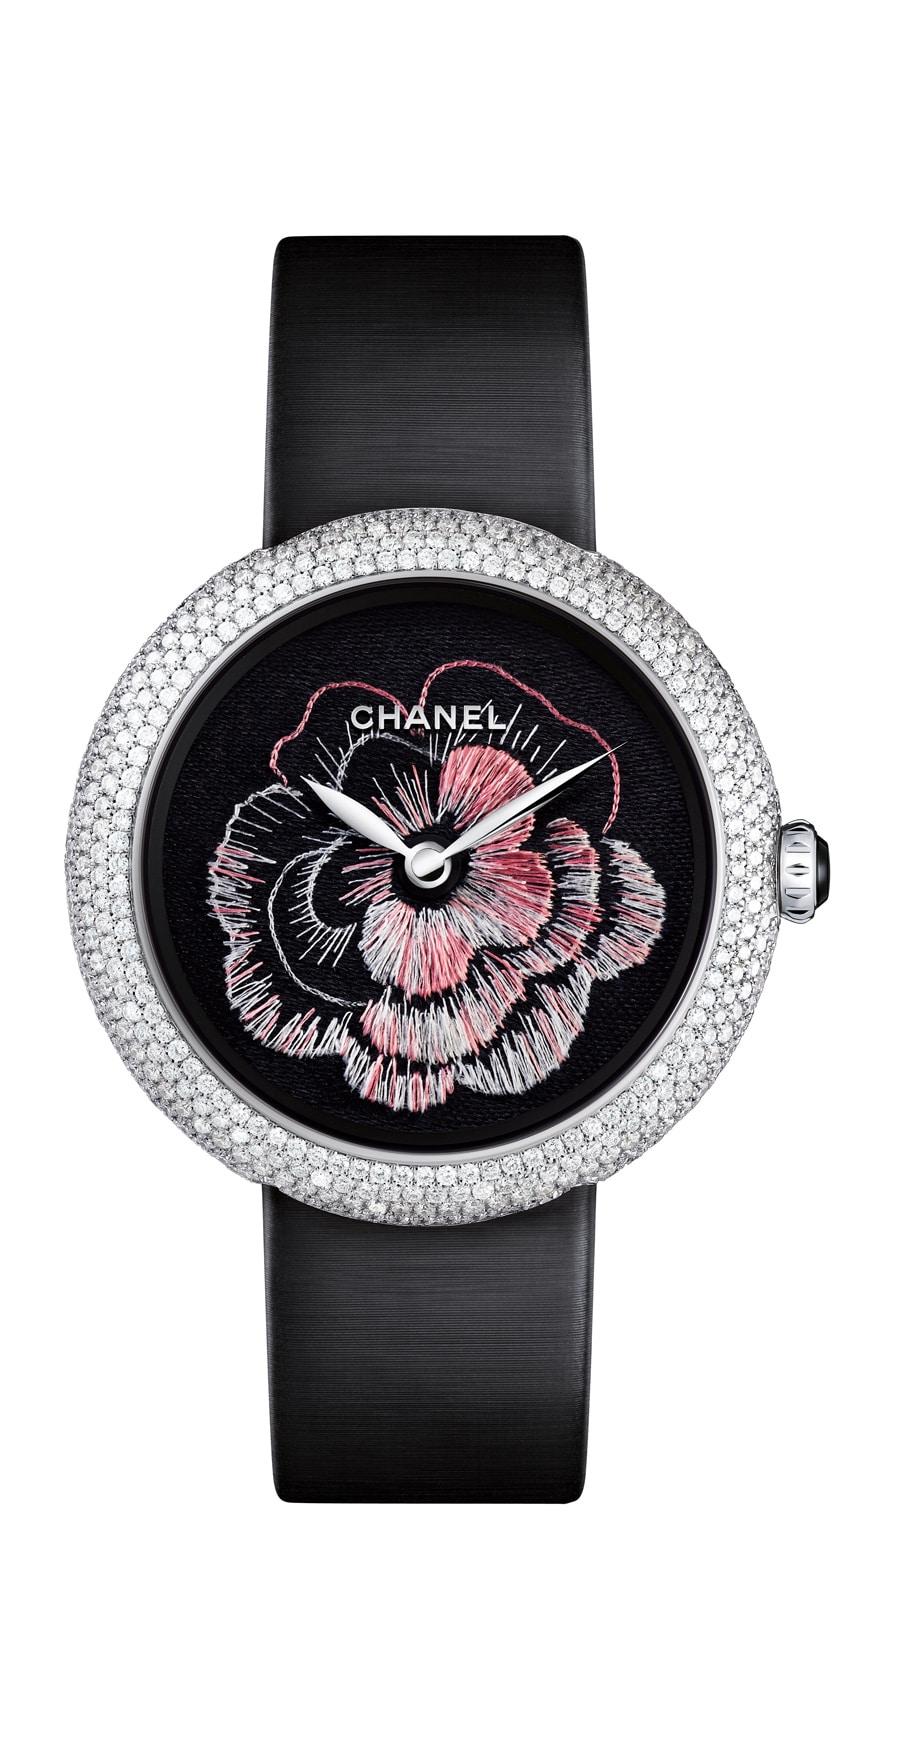 Chanel: Camélia Brodé